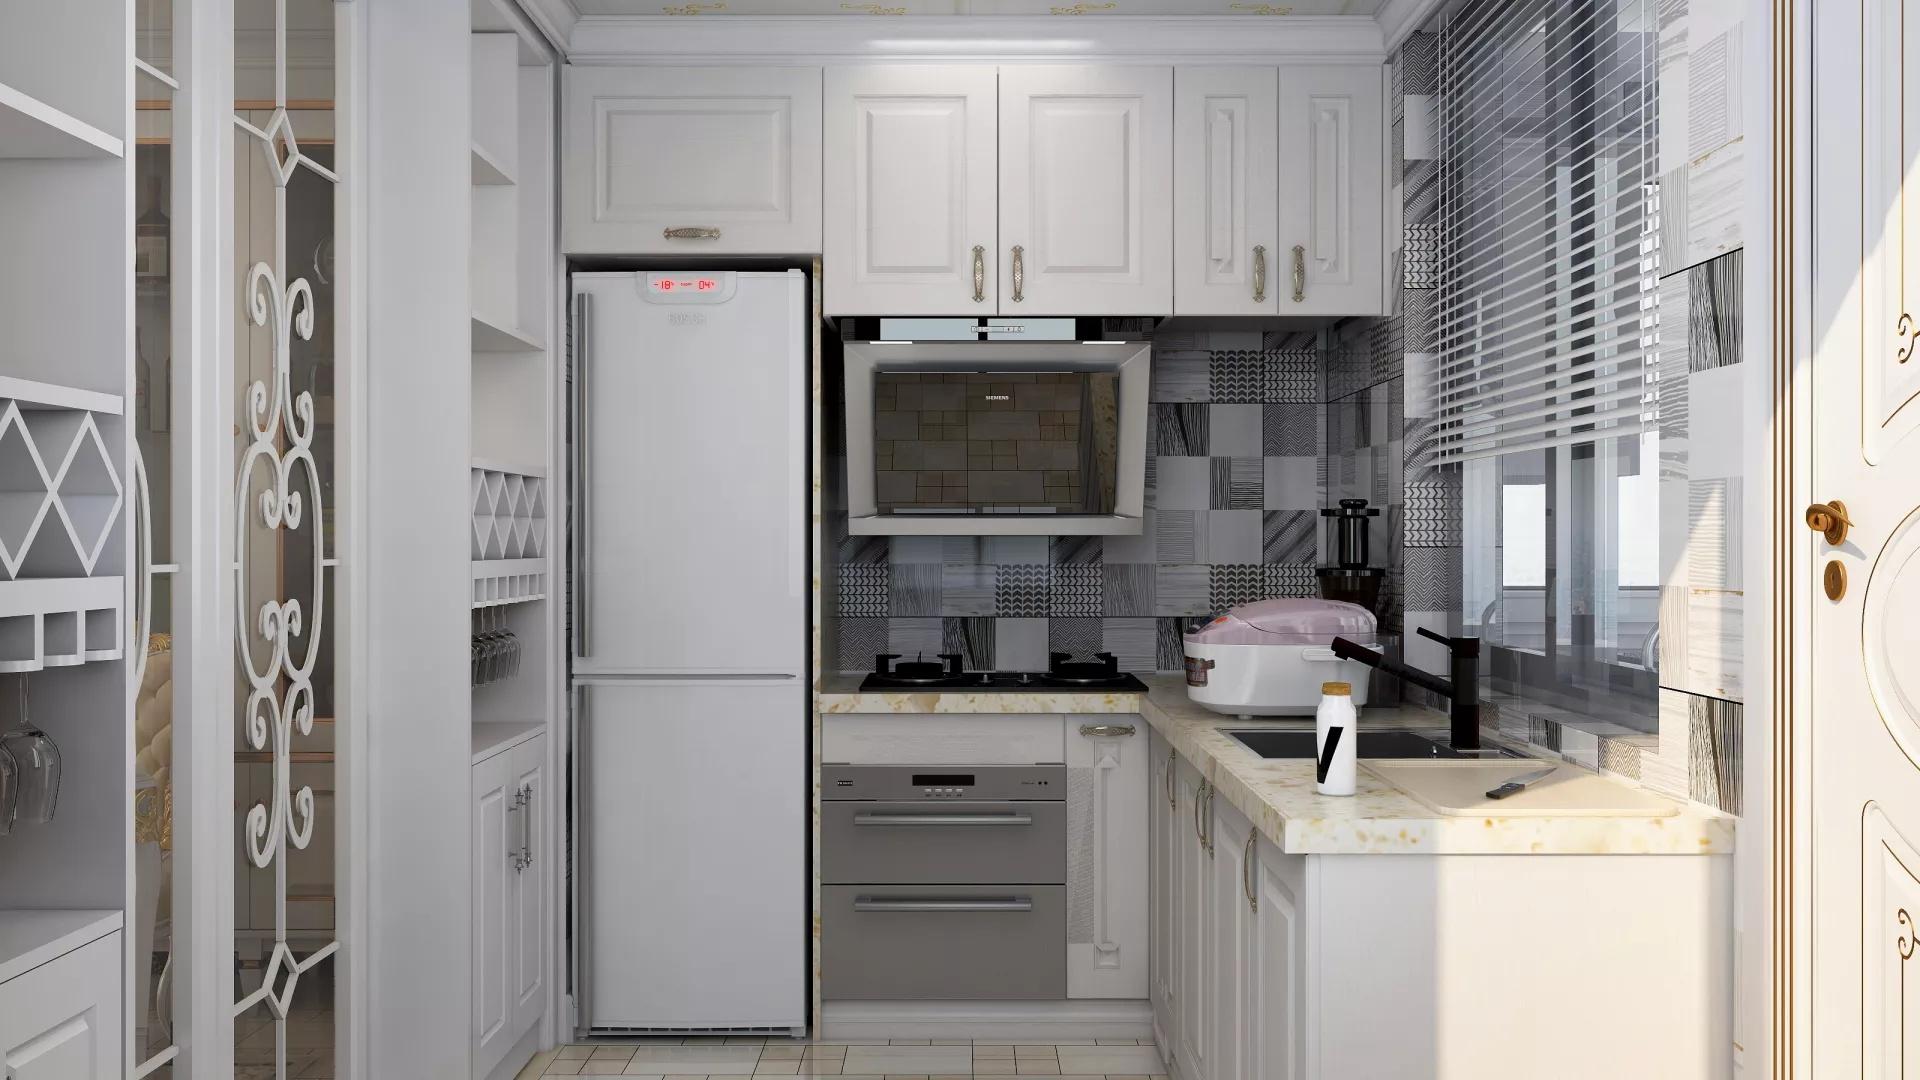 简约北欧二居室公寓装修效果图